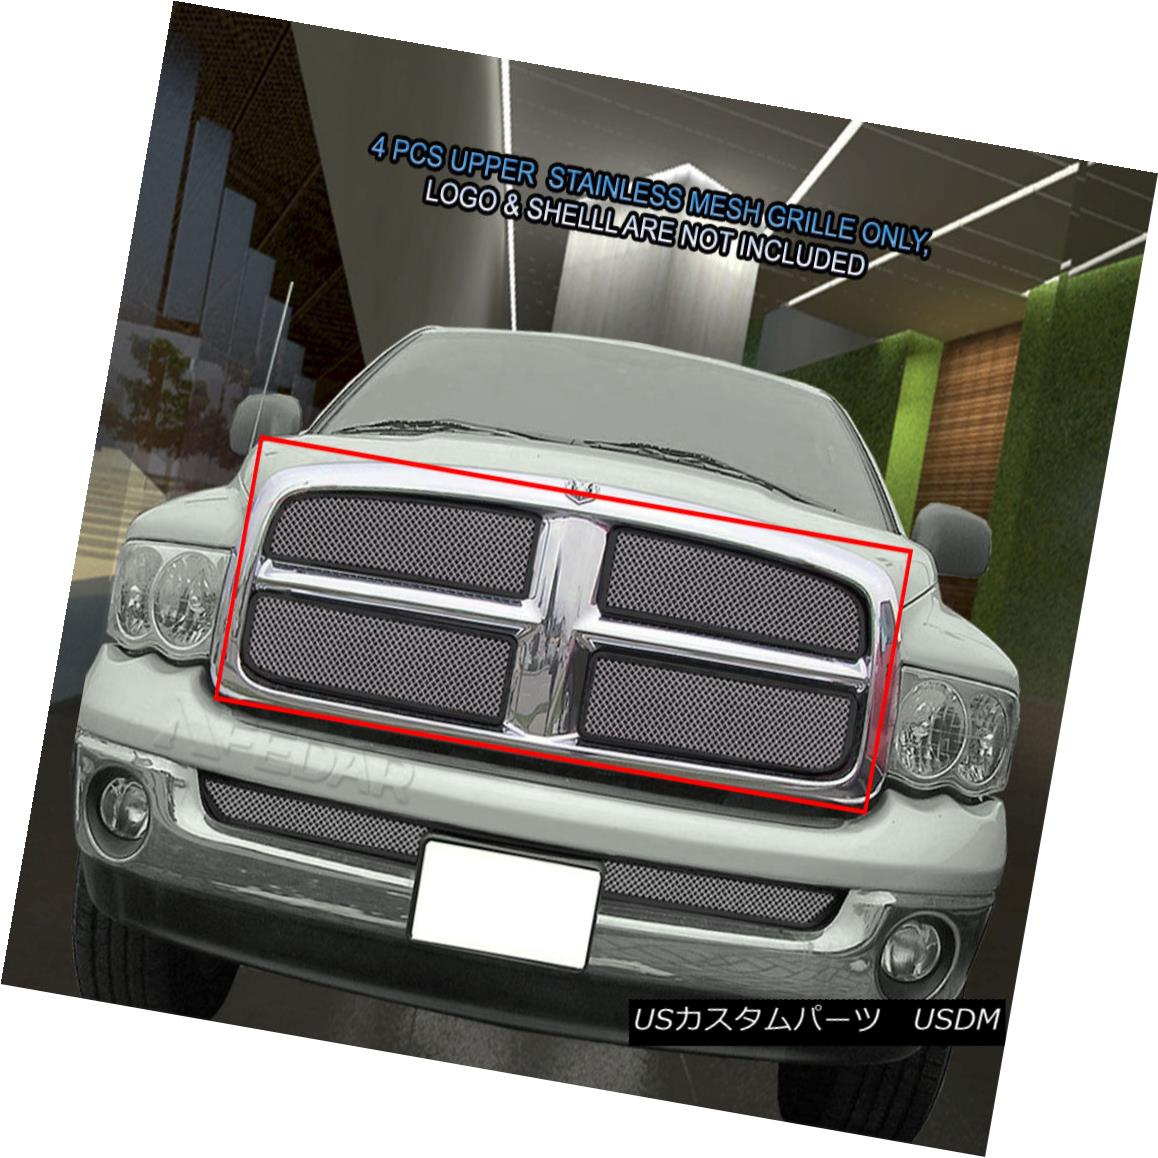 グリル Fits 2002-2005 Dodge Ram 1500/2500/3500 Stainless Steel Mesh Grille Fedar 適合2002-2005ダッジラム1500/2500/3500ステンレスメッシュグリル・フェルダー